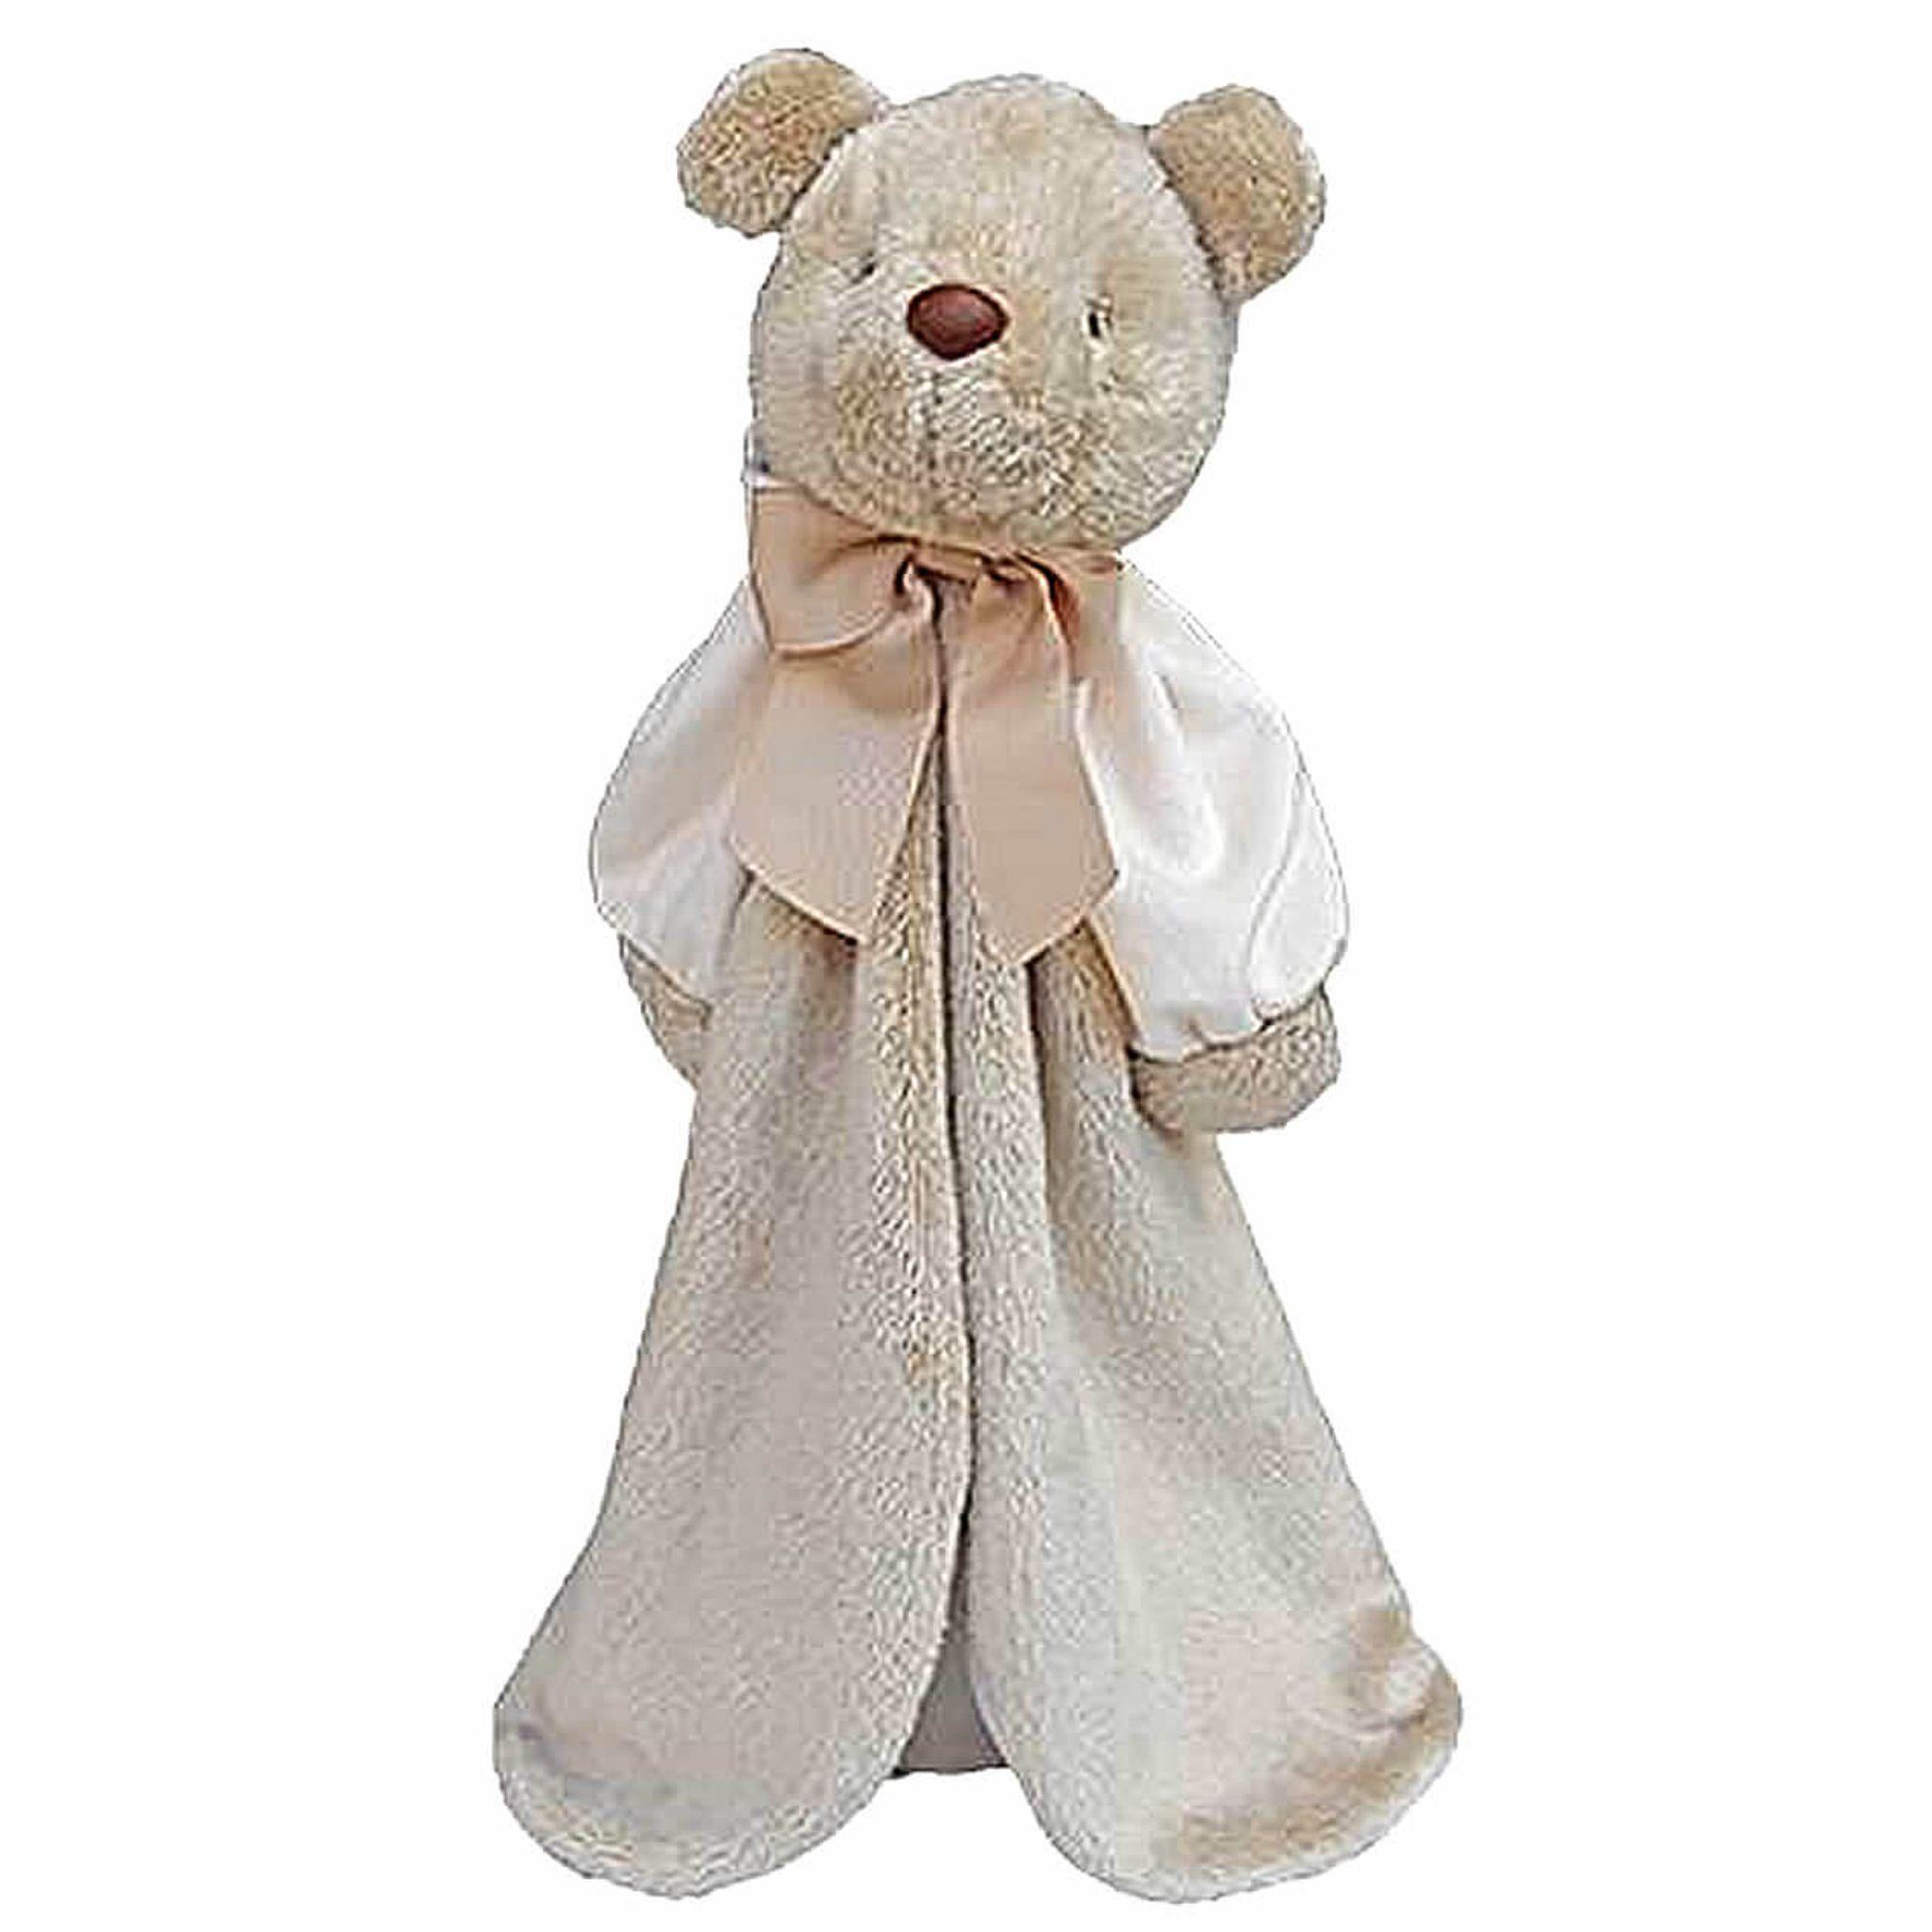 naninha-urso-pelucia-com-braco-bege-silvia-polito